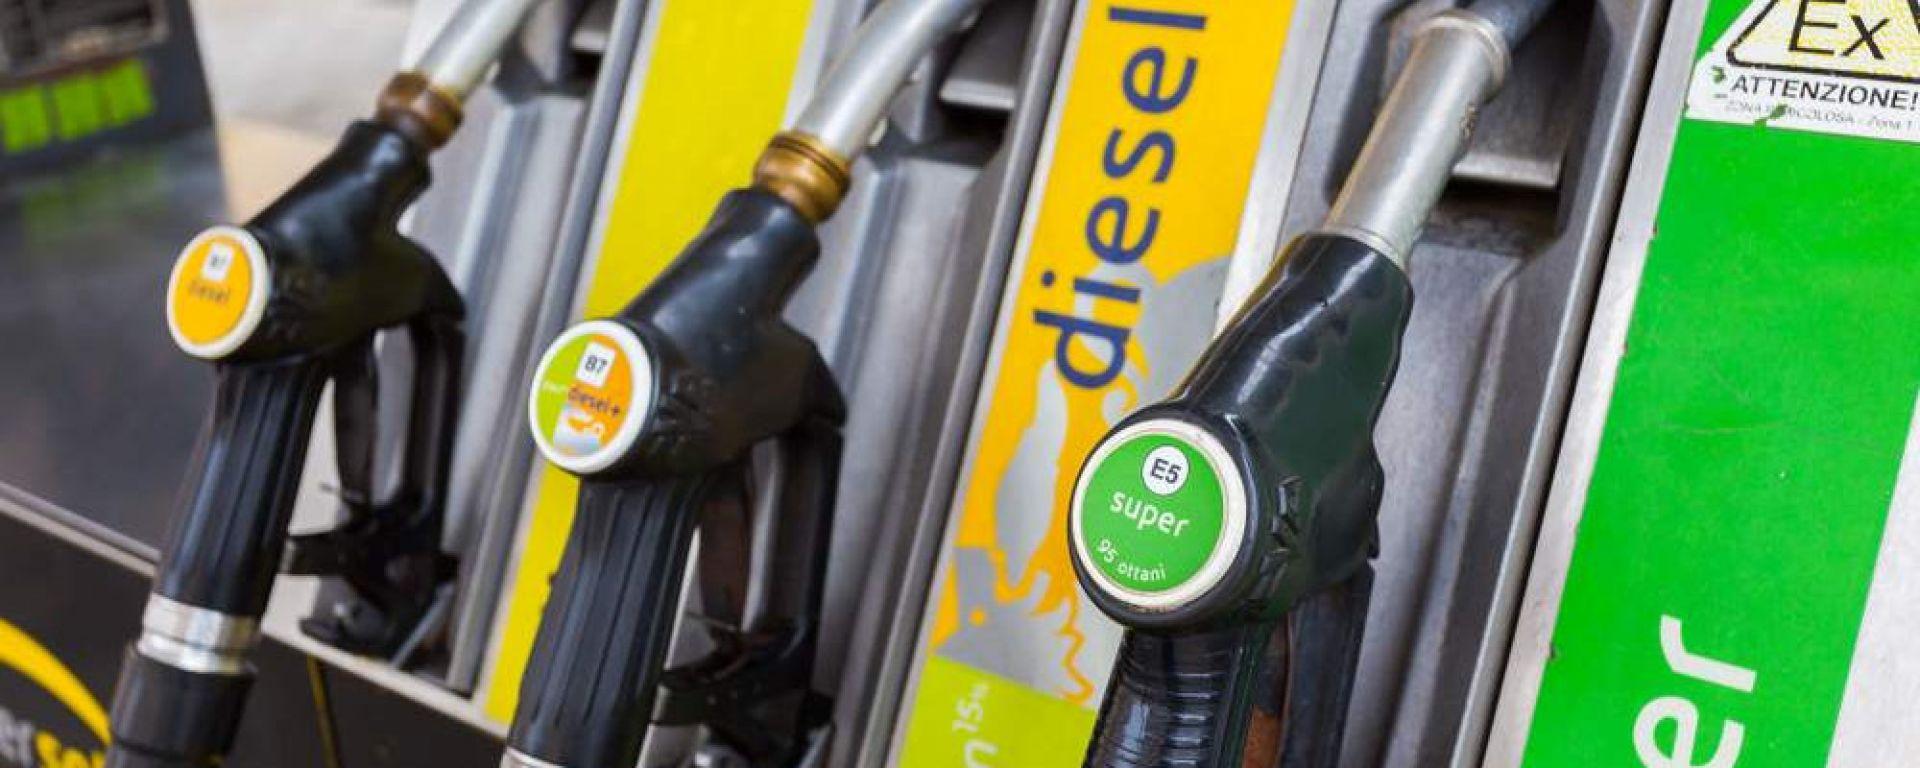 Il prezzo della benzina in Italia scende del 10%, ma il petrolio di oltre il 60%